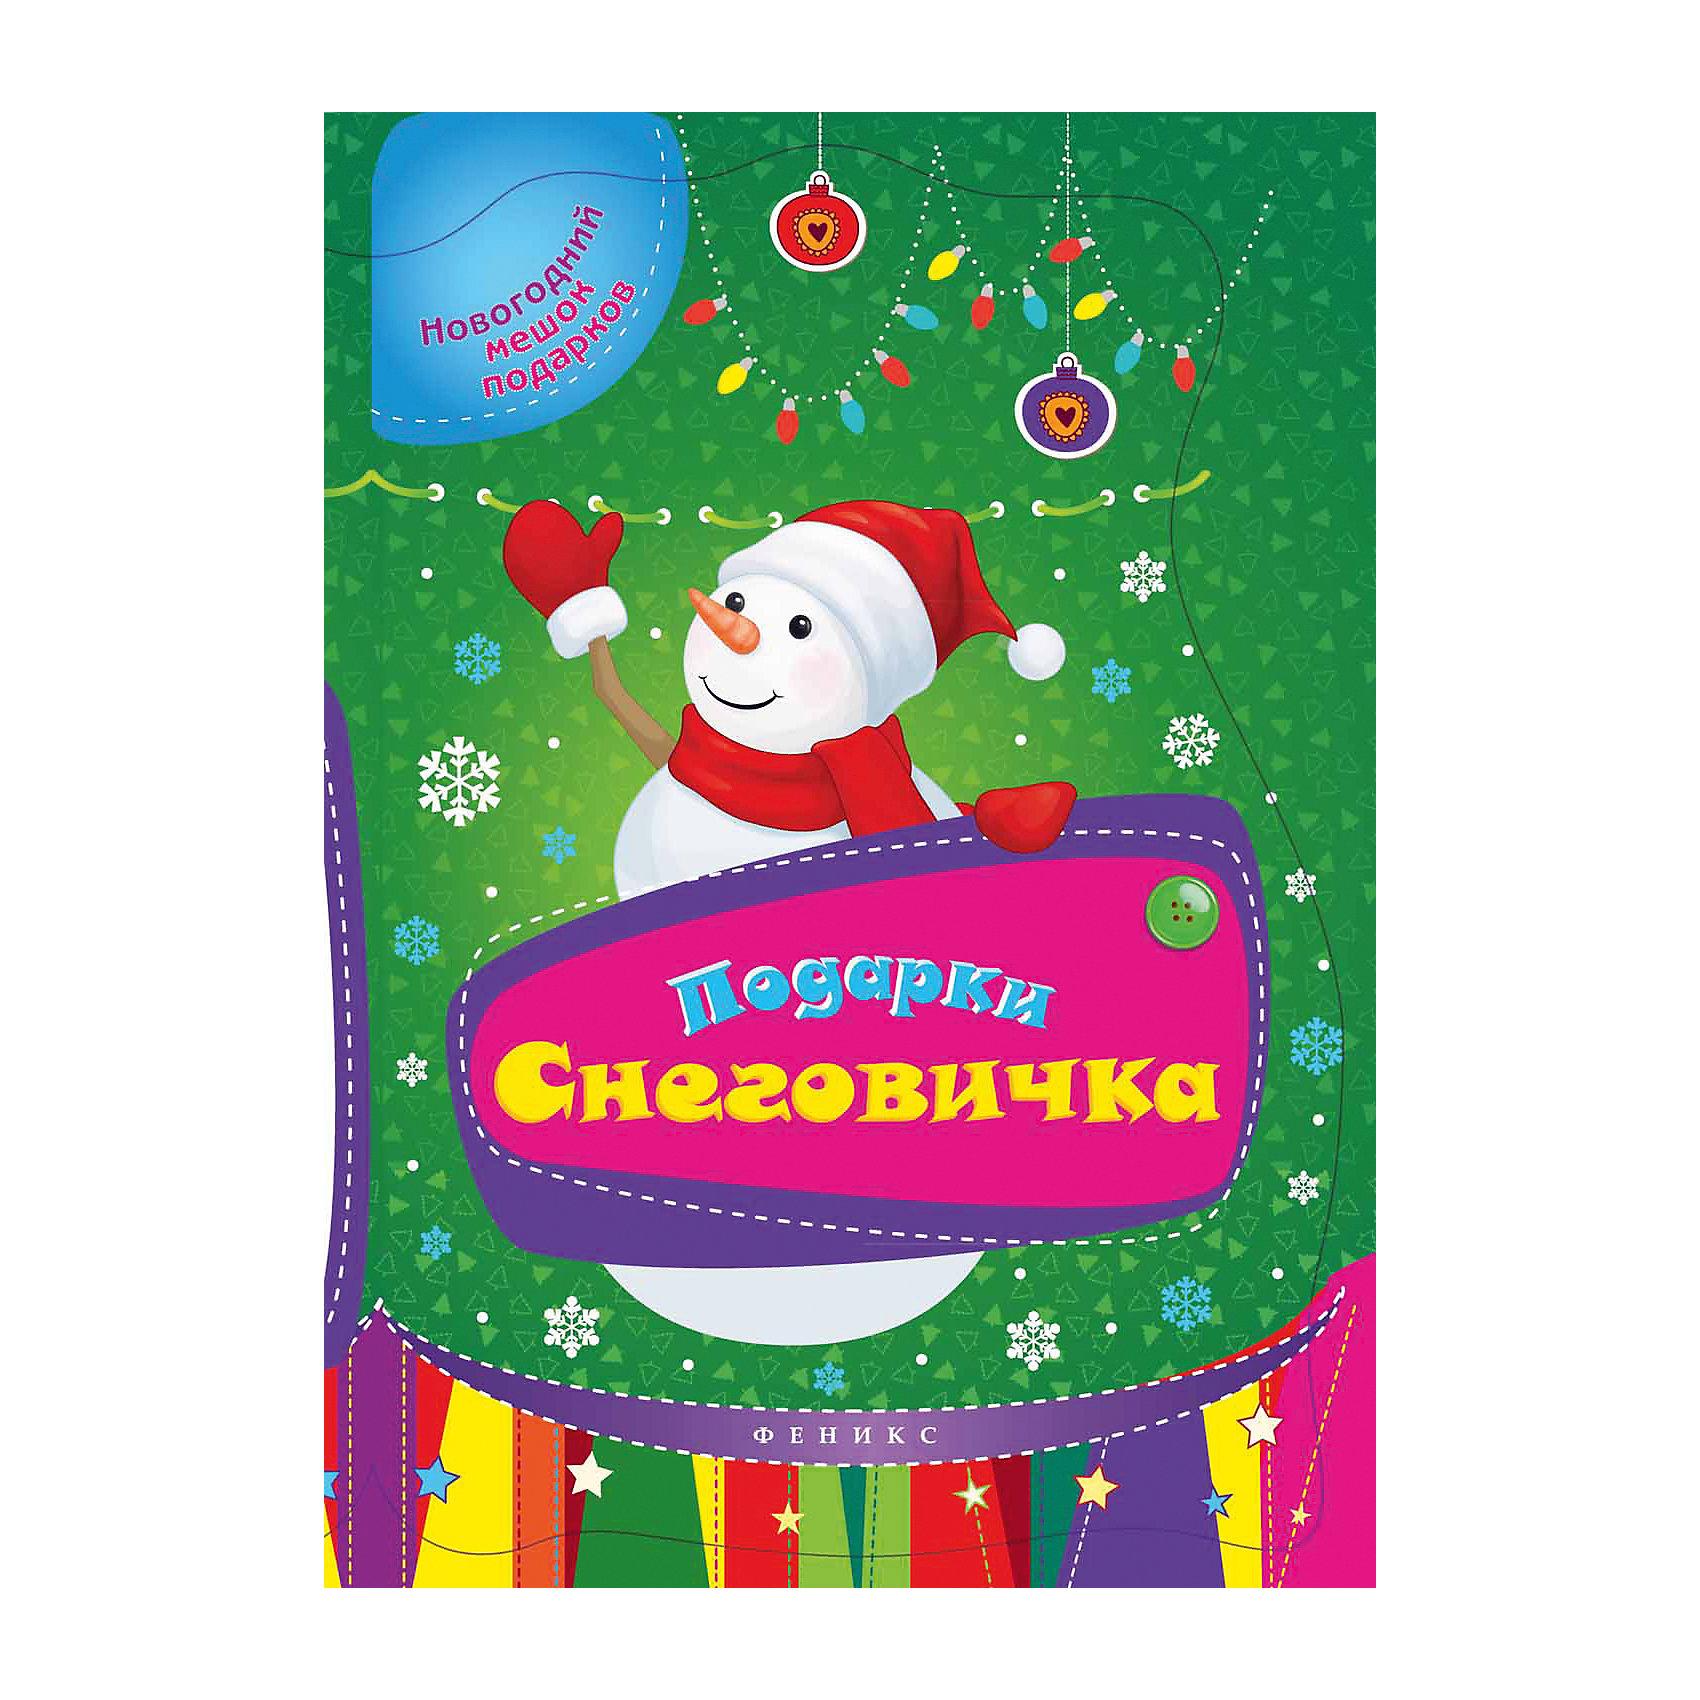 Подарки СнеговичкаСерия книг в форме новогоднего мешка подарков обязательно заинтересует малыша. В каждой книге собраны интересные задания, игры и головоломки для детей. Ребенку будут помогать новогодние герои: Снегурочка, Снеговичок, Снежинка и, конечно, сам Дед Мороз!<br><br>Ширина мм: 232<br>Глубина мм: 164<br>Высота мм: 2<br>Вес г: 48<br>Возраст от месяцев: 12<br>Возраст до месяцев: 72<br>Пол: Унисекс<br>Возраст: Детский<br>SKU: 5120177